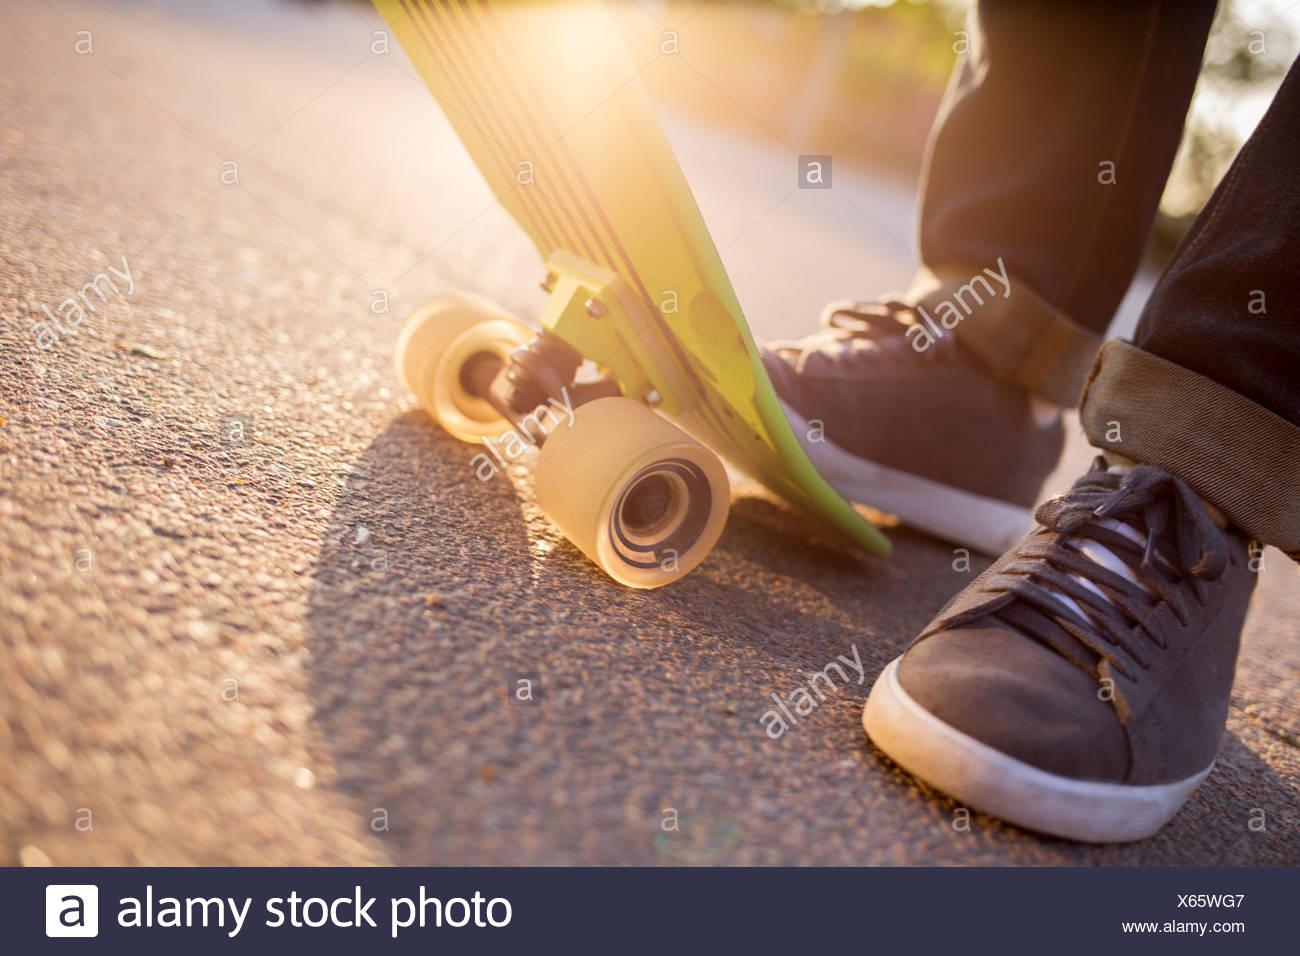 Schweden, die Füße des Menschen mit Skateboard Stockfoto